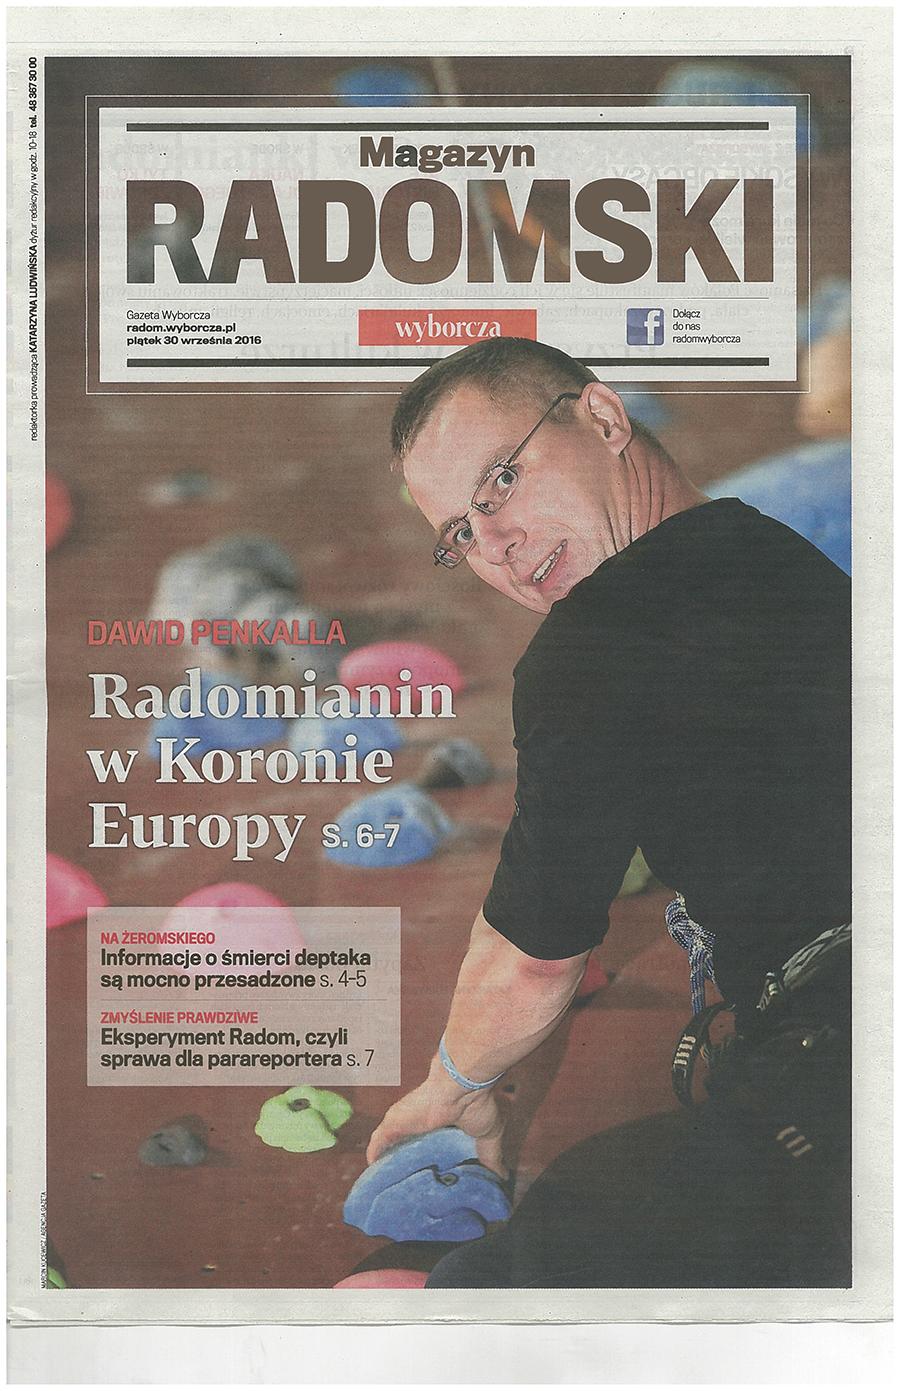 Gazeta Wyborcza, 30.09.2016